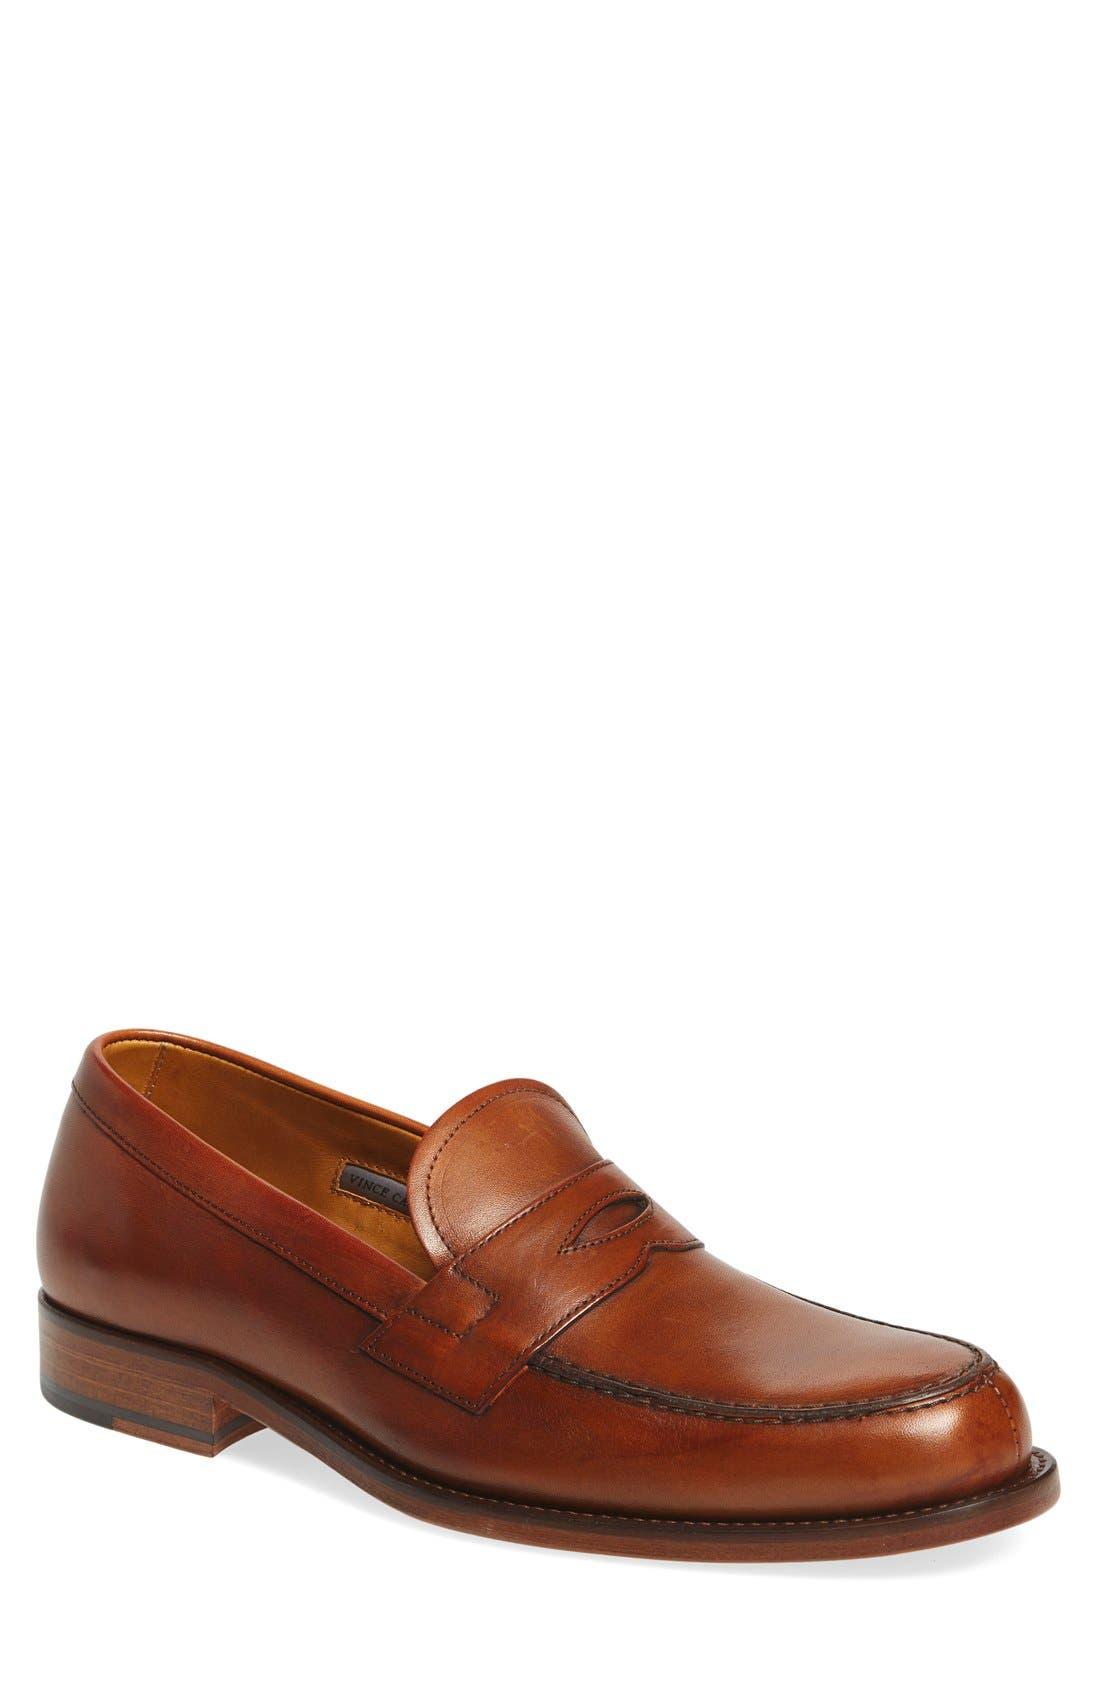 'Nacher' Loafer,                             Main thumbnail 1, color,                             Cognac Leather